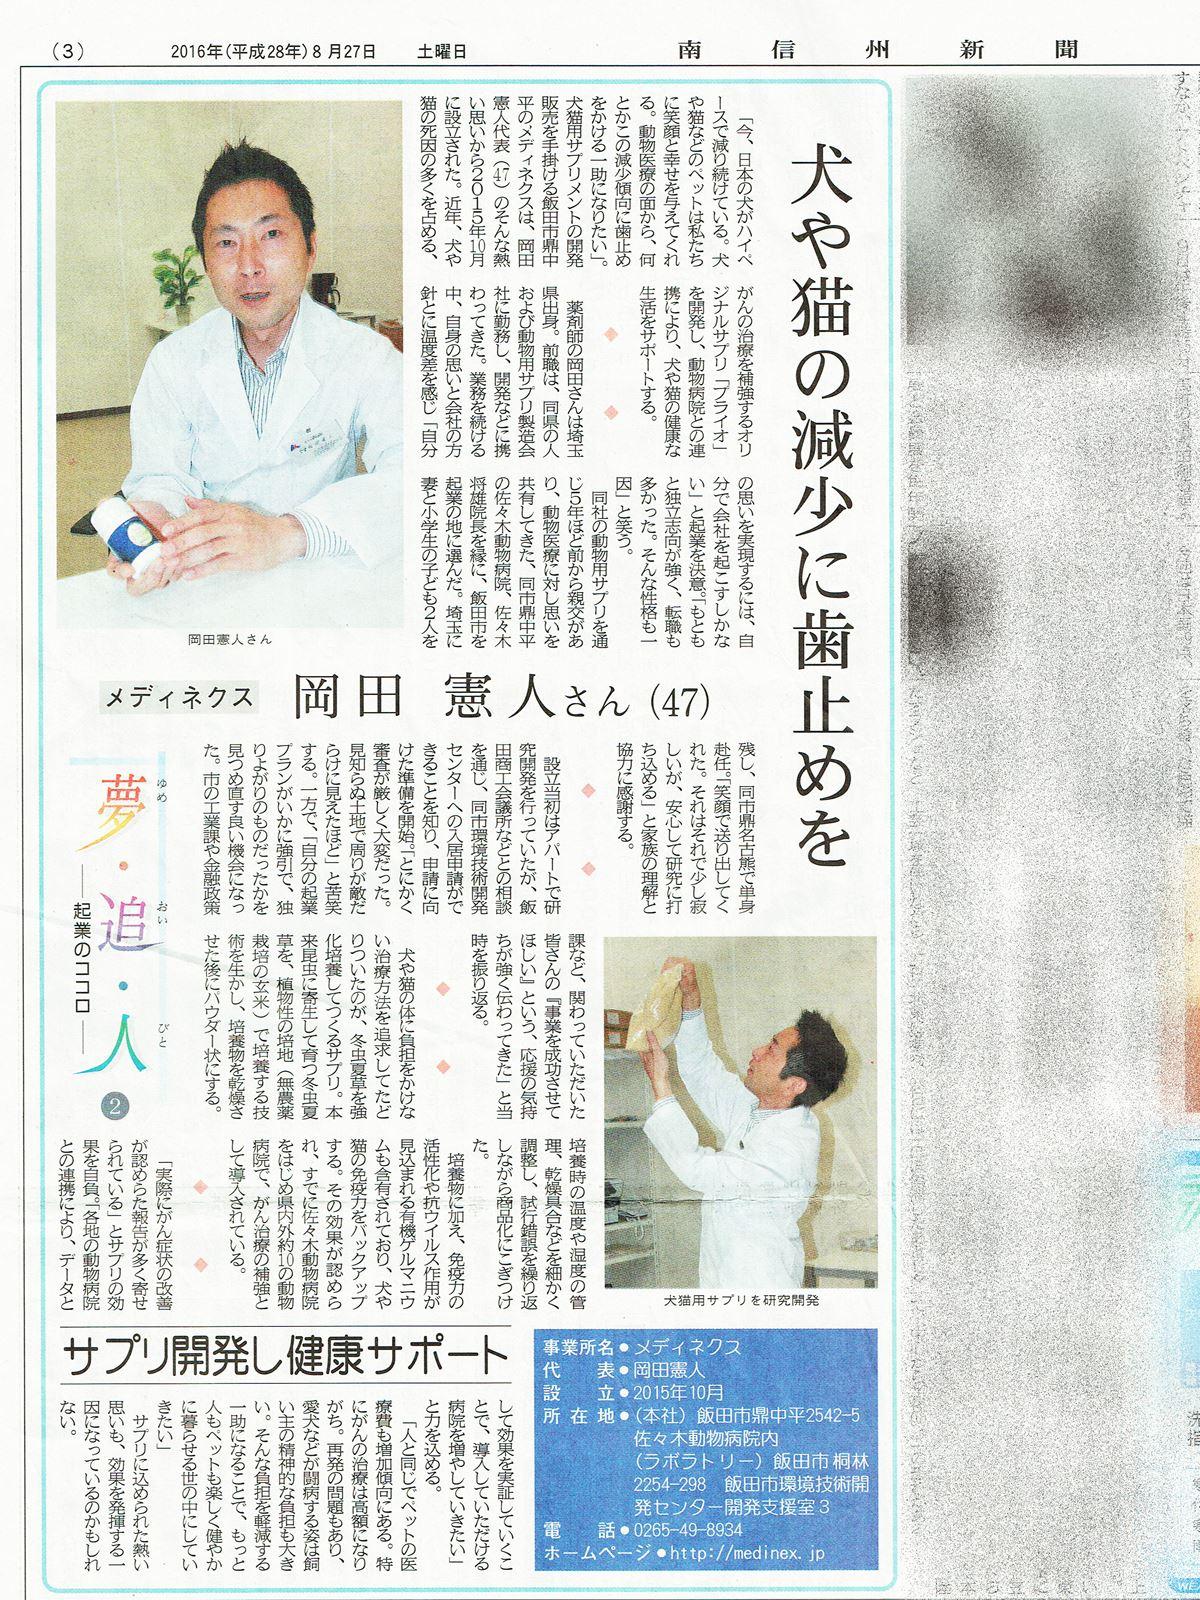 南信州新聞に掲載された岡田